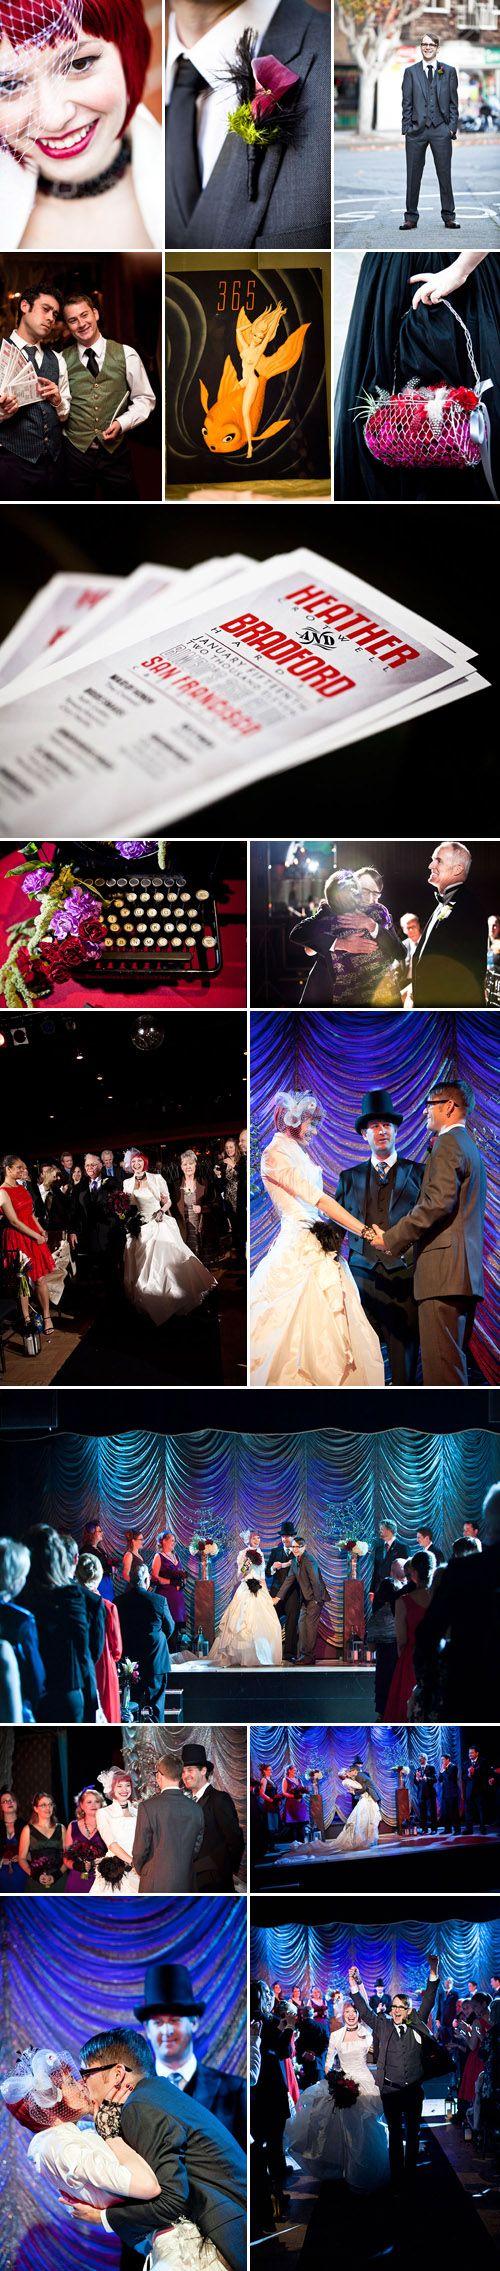 Creative Vaudeville Inspired Wedding 309 best Venues